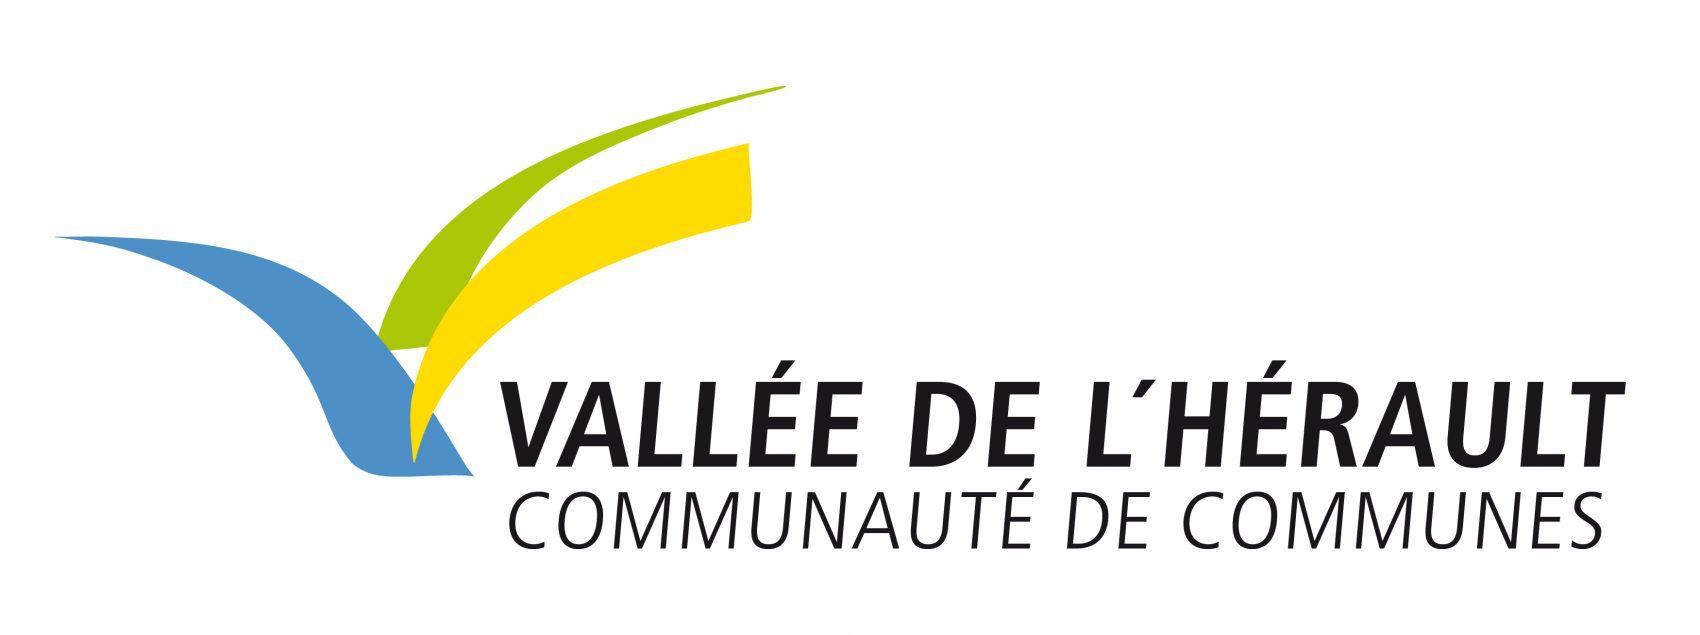 Dans le cadre de la prise de compétence Eau et Assainissement effective depuis le 1er janvier 2018, la Communauté de communes Vallées de l'Hérault s'est équipée de NETGEO, SMARTGEO et de la mobilité pour la gestion de leurs réseaux. Dans ce cadre-là, plusieurs interfaçages ont été réalisés : Interfaçage n°1 : création d'un ETL, pour alimenter la base de données NETGEO avec les données clients ANEMONE contenues dans une base ORACLE Interfaçage n°2 : extraction des PDC concernés par un arrêt d'eau pour publipostage via ANEMONE Interfaçage n°3 : création des demandes d'intervention sur ANEMONE directement envoyées sur SMARTGEO